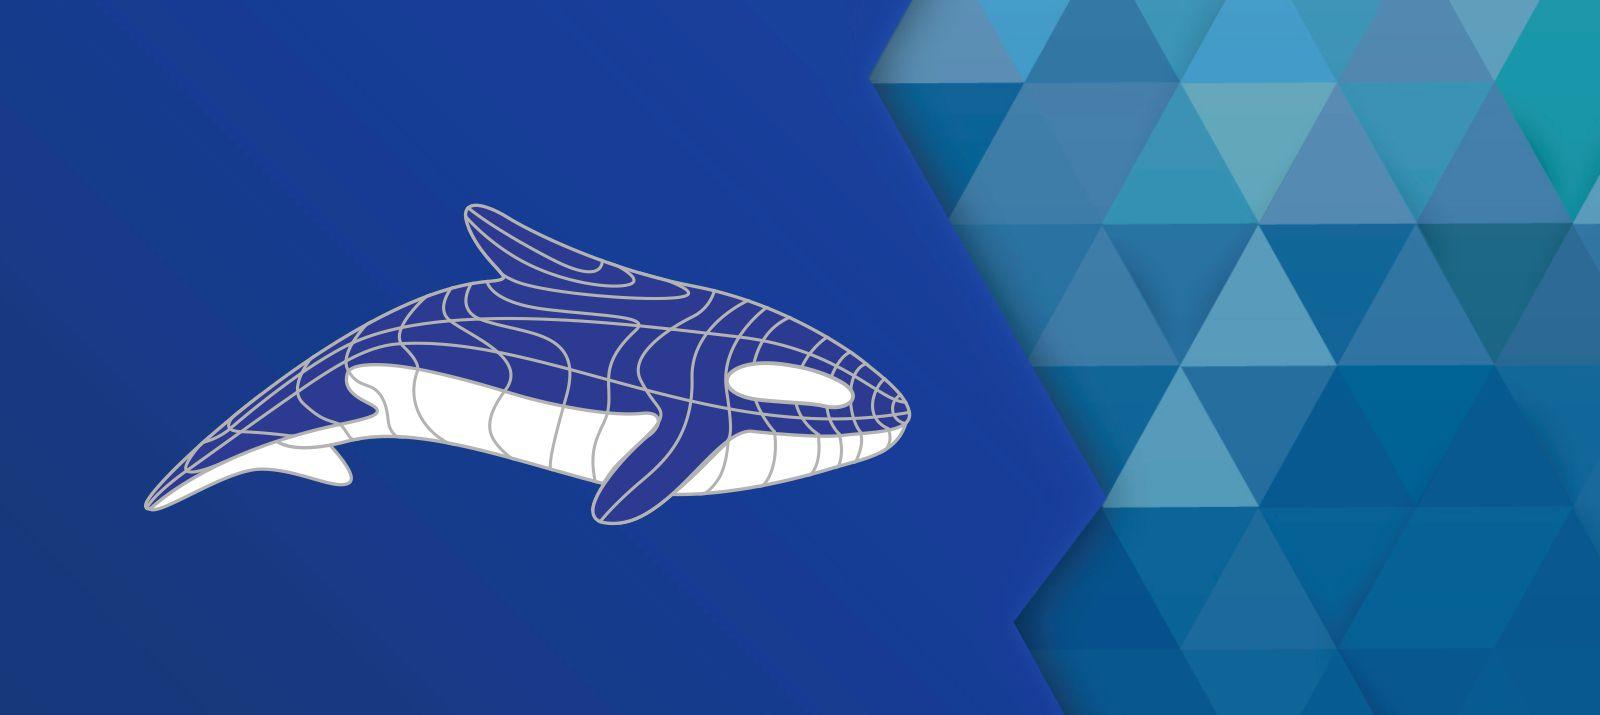 Разработка фирменного символа компании - касатки, НЕ ЛОГОТИП фото f_8335b0098f24f7ca.jpg